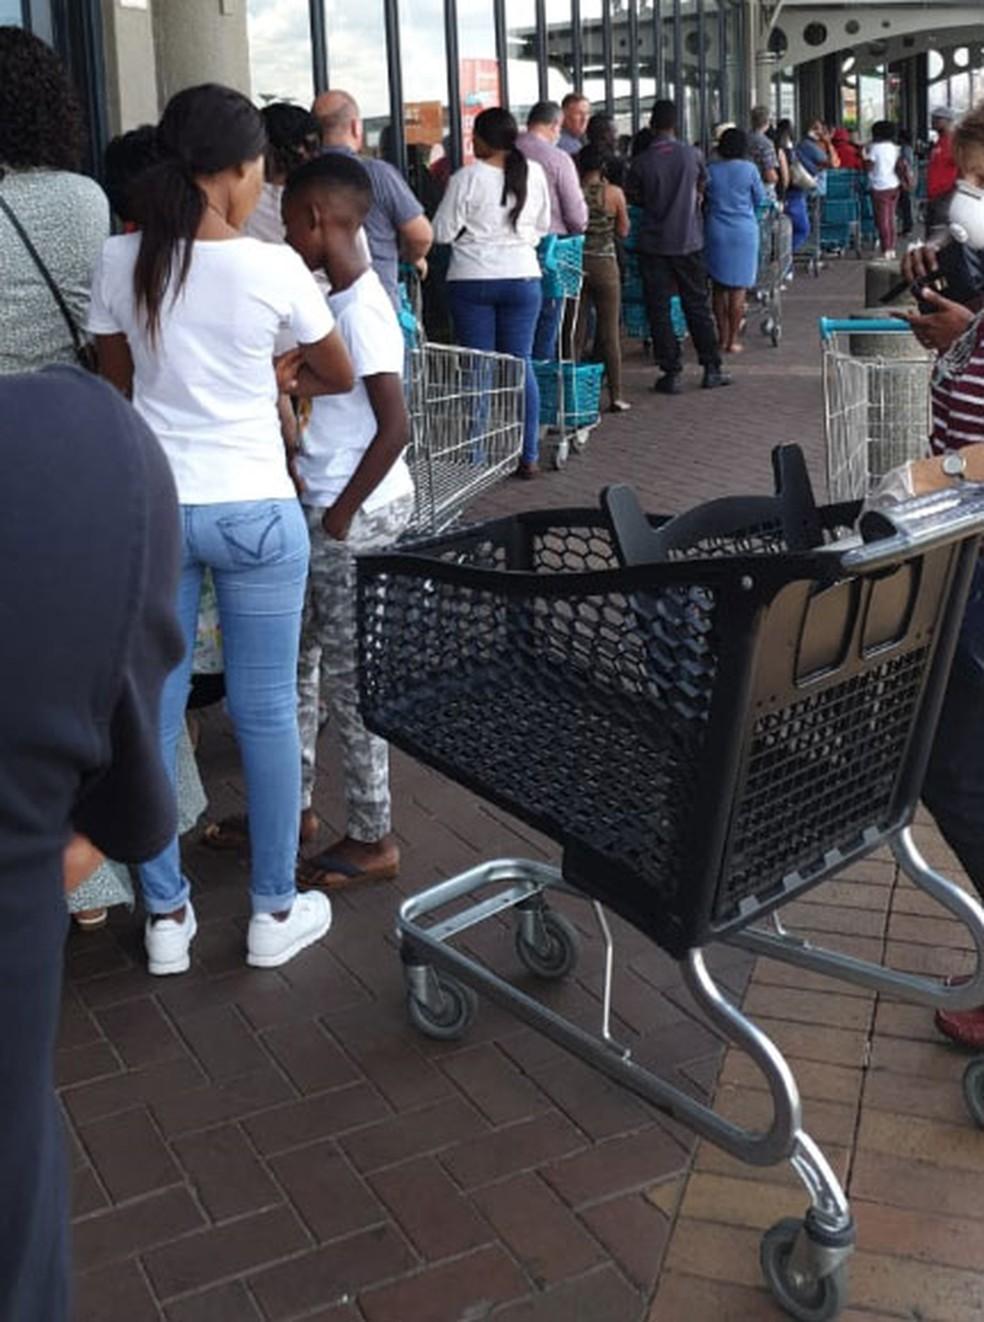 Pessoas fazem fila para entrar em supermercado em Joanesburgo, na África do Sul, às vésperas de isolamento determinado pelo governo — Foto: Thalita Melo Pimenta/Arquivo pessoal